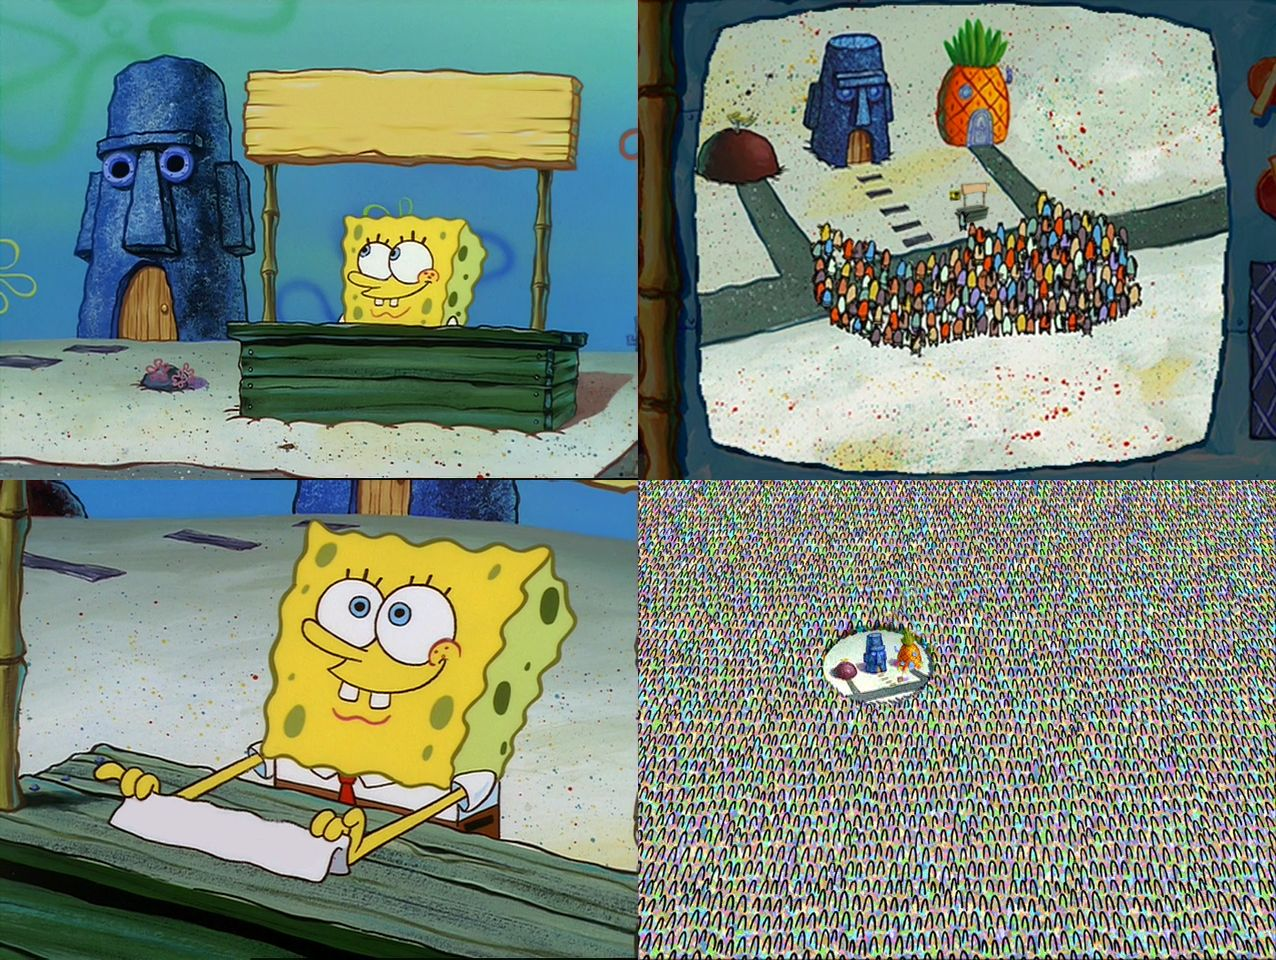 Meme generator image preview